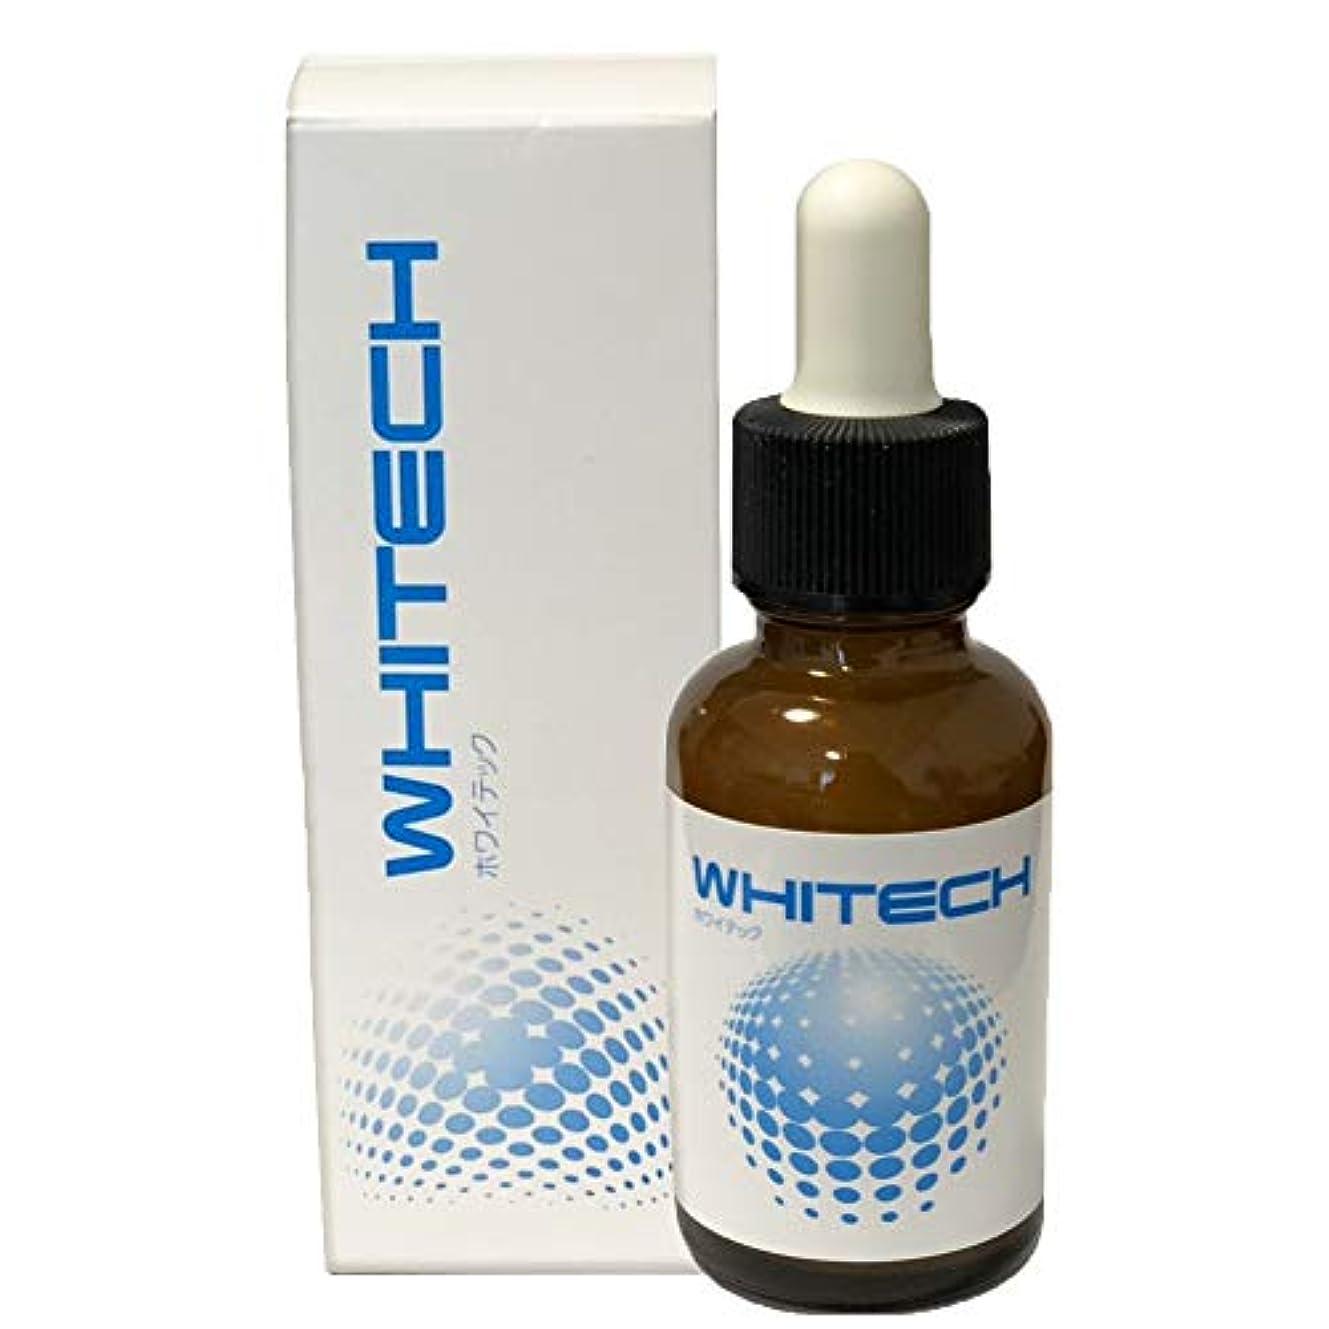 五月誰でも飛躍【医薬部外品】WHITECH -ホワイテック- 薬用ホワイトニングジェル 歯磨きジェル